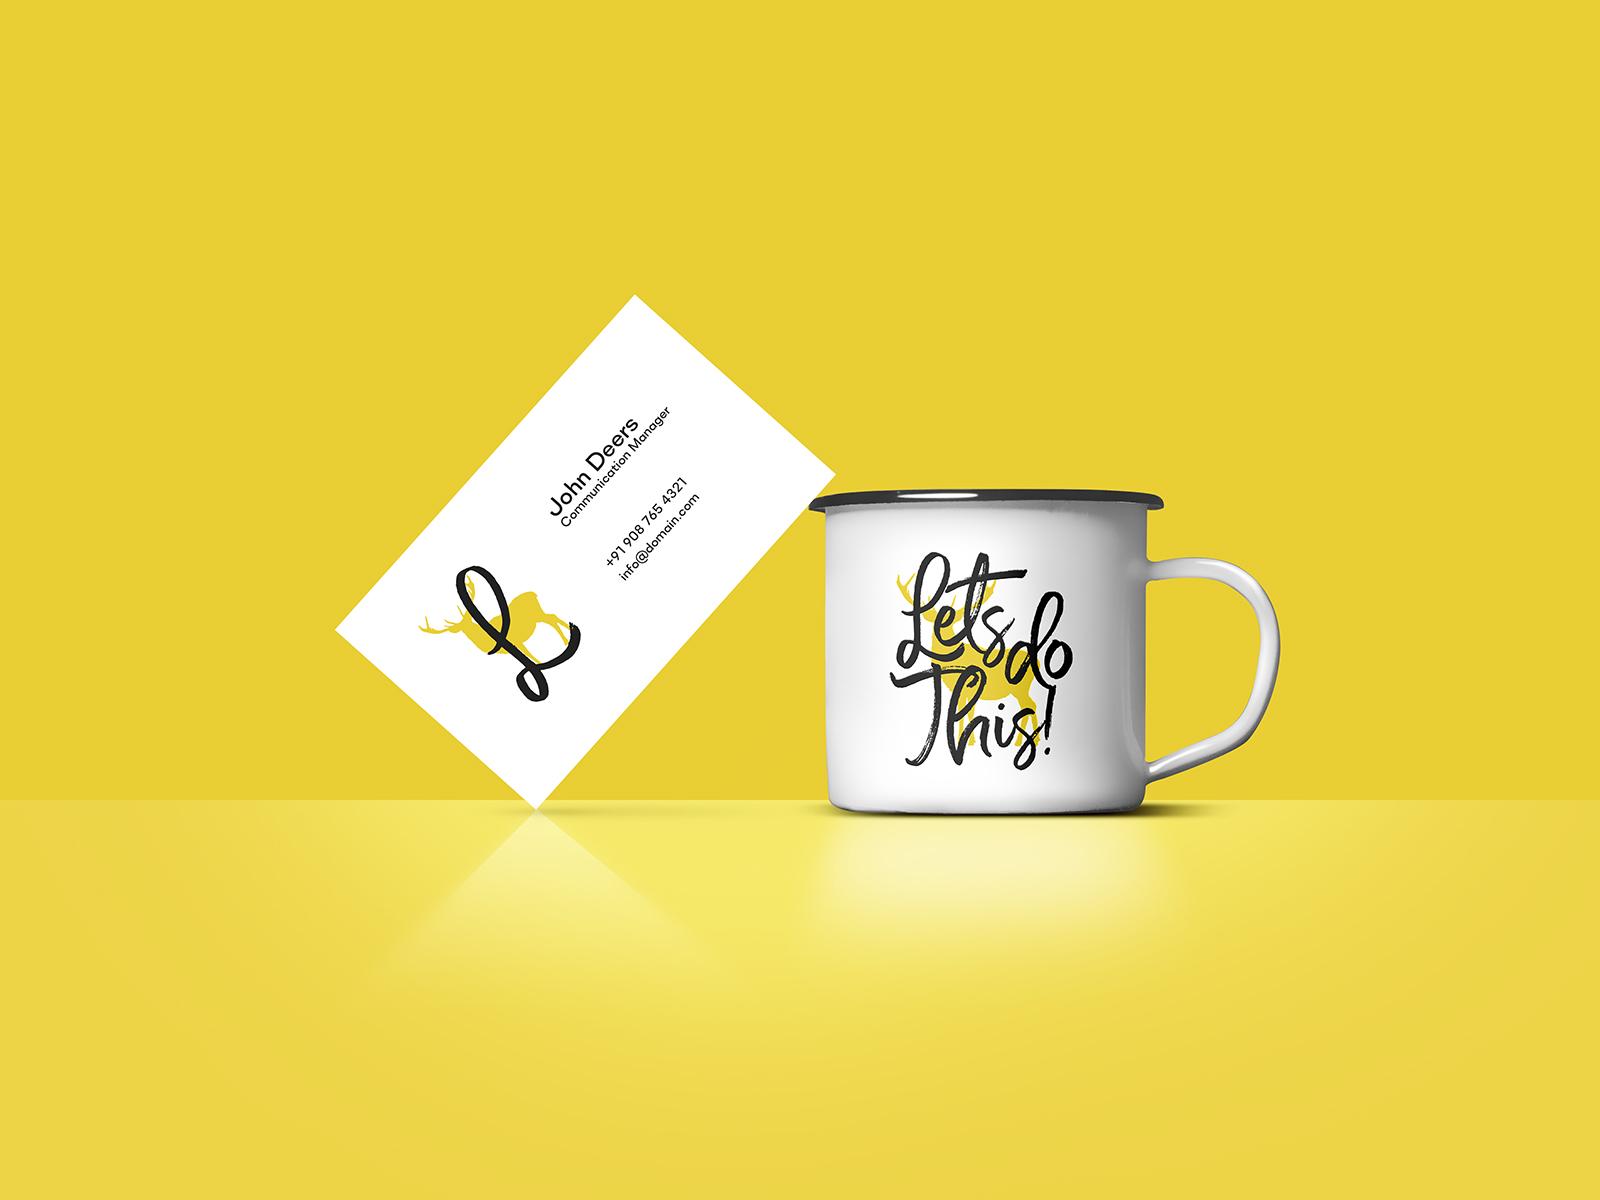 Free Business Card and Enamel Mug Mockup